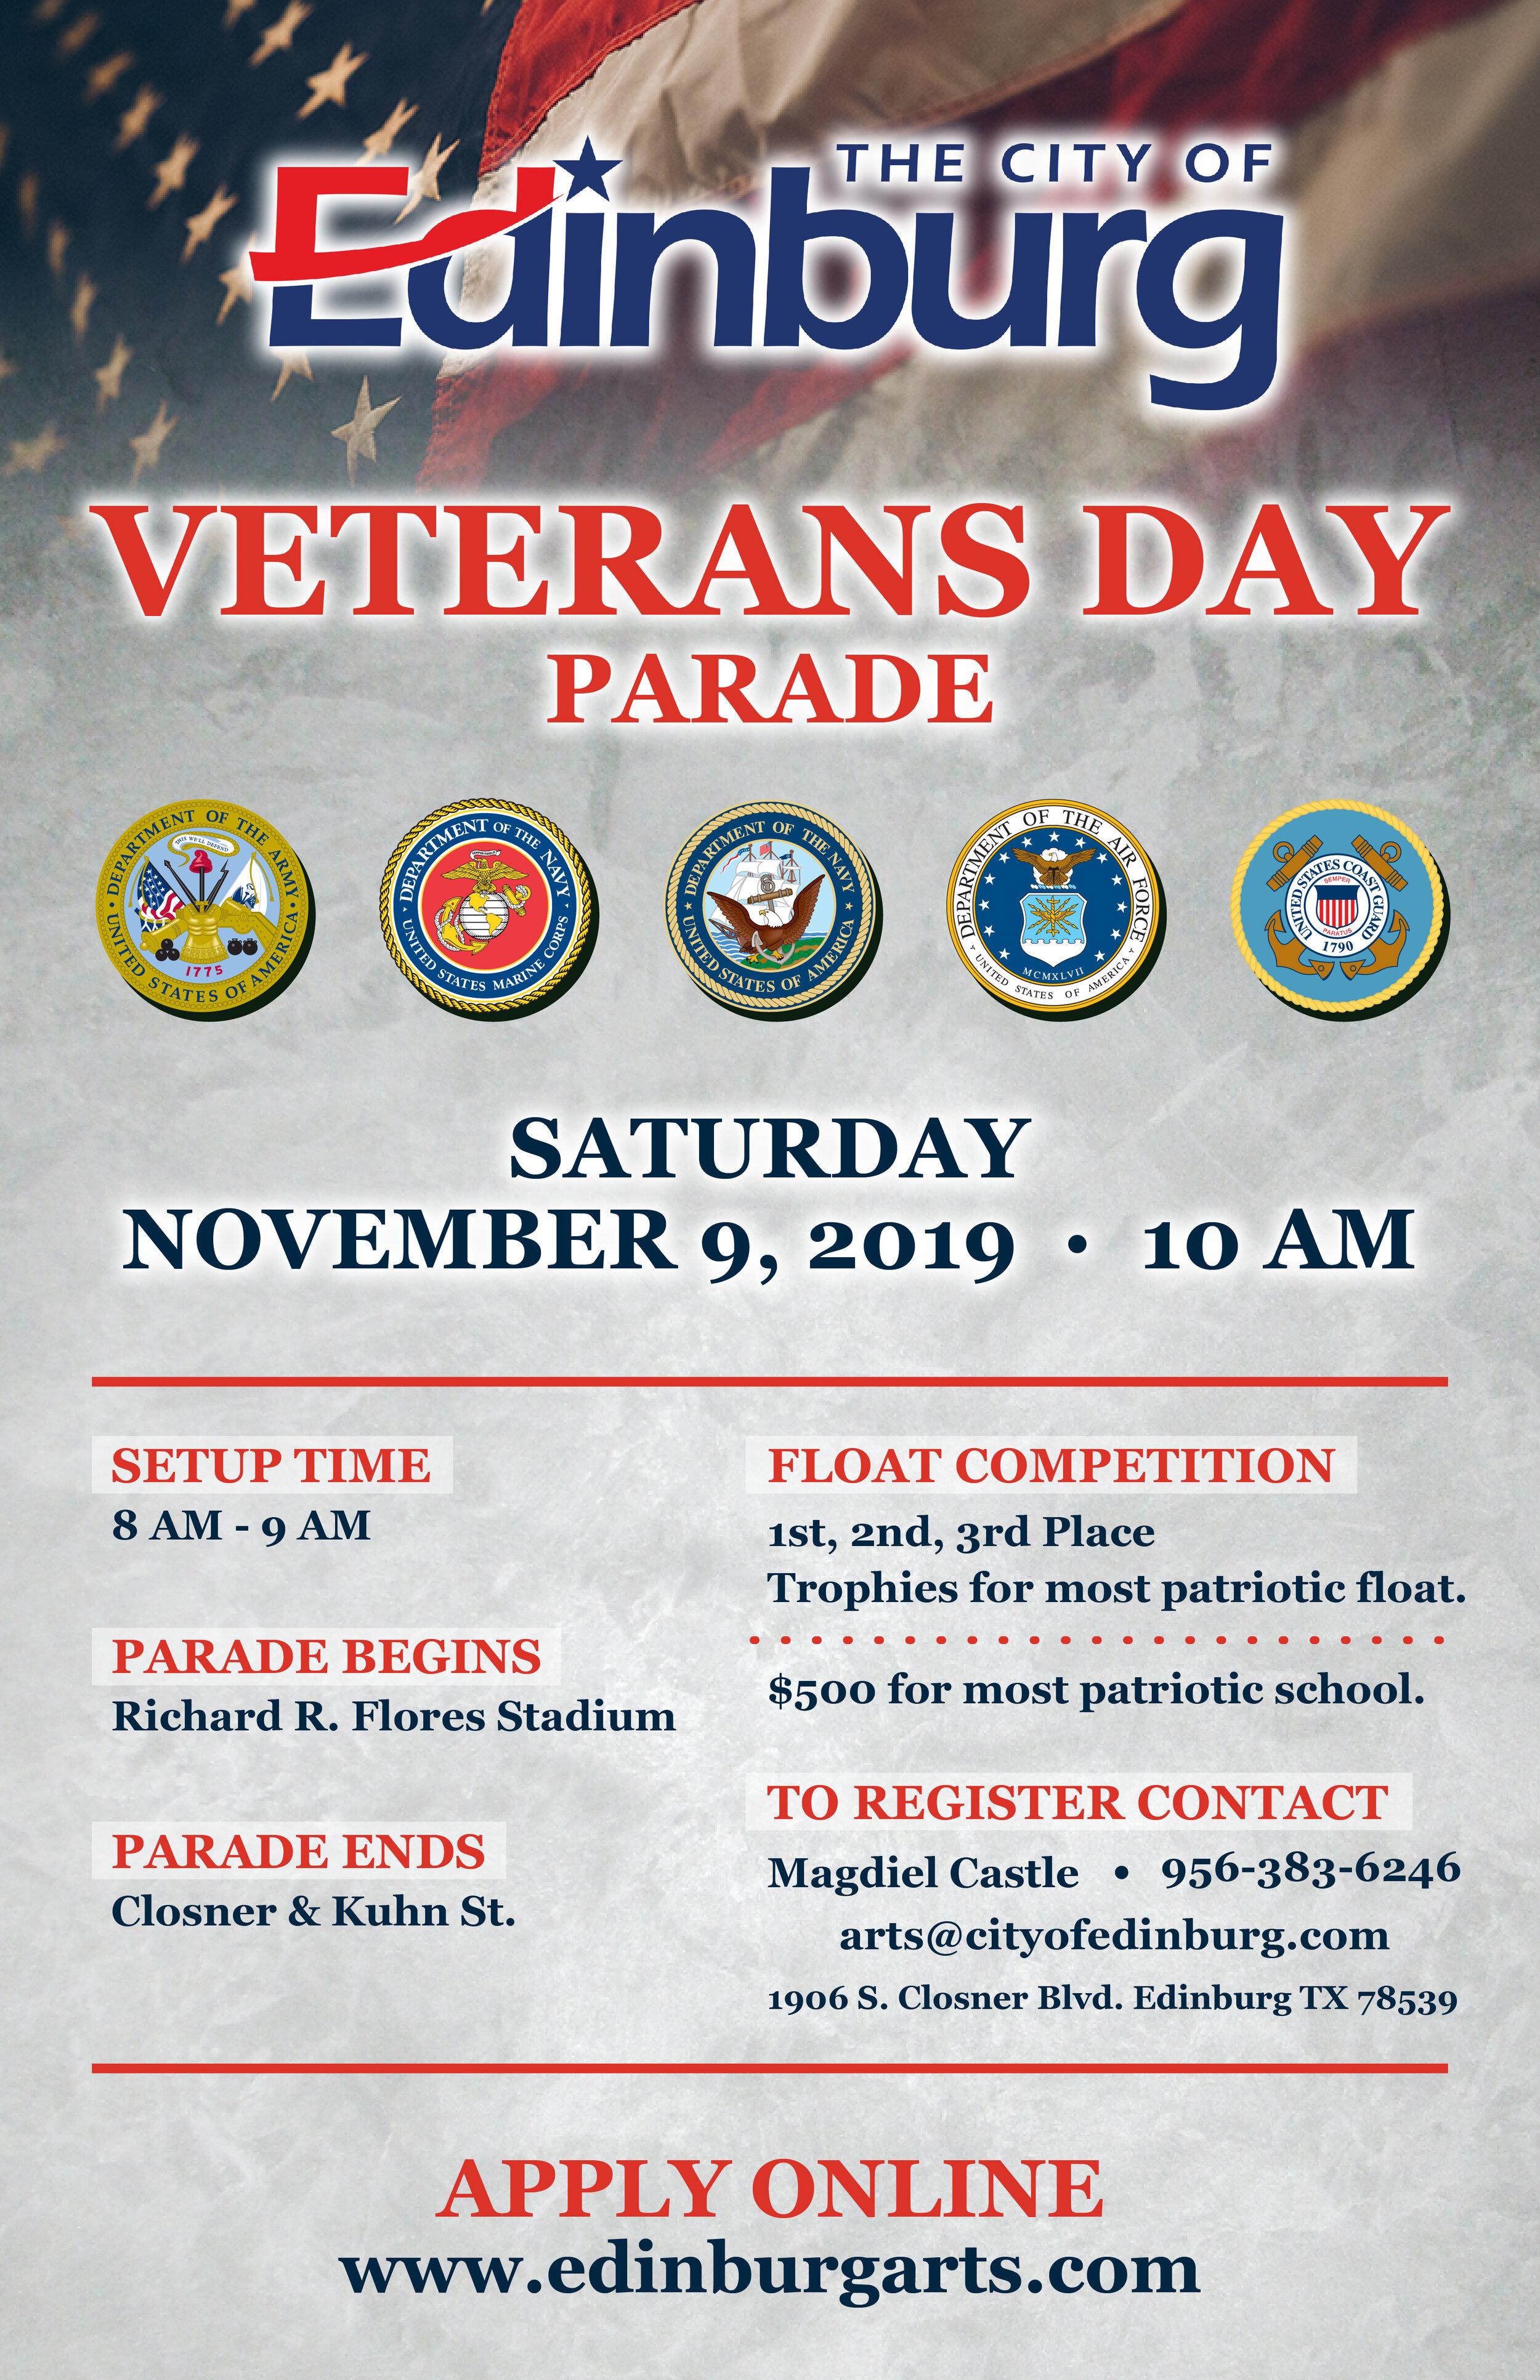 veterans_day_parade.jpg